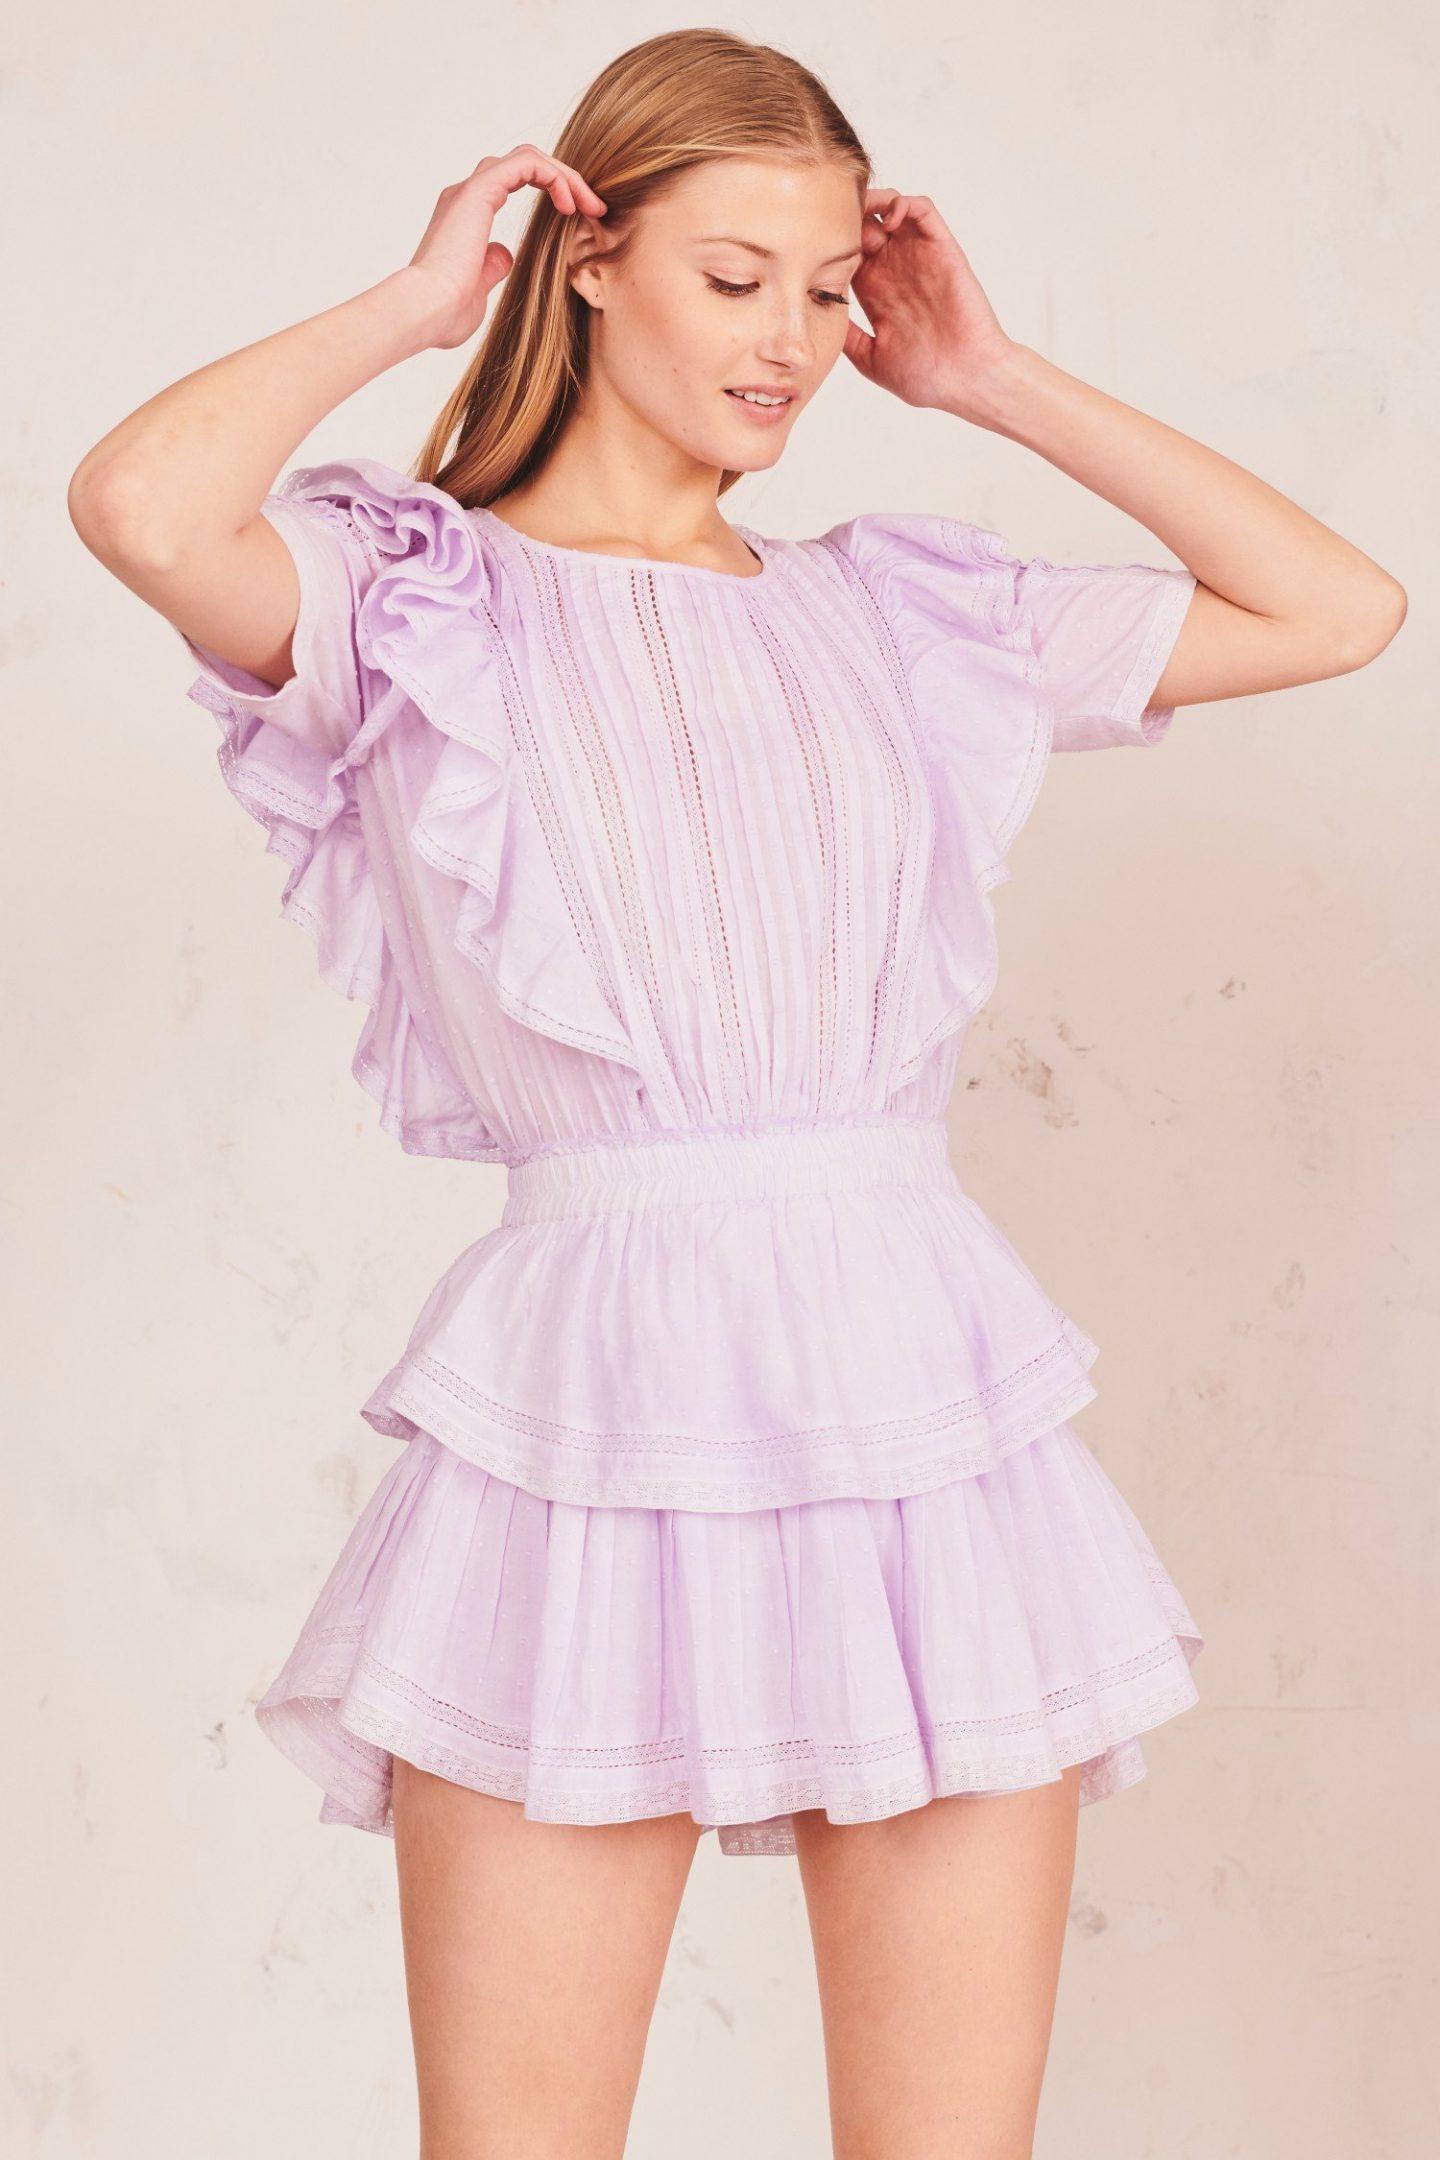 Lilac mini cottagecore dresses